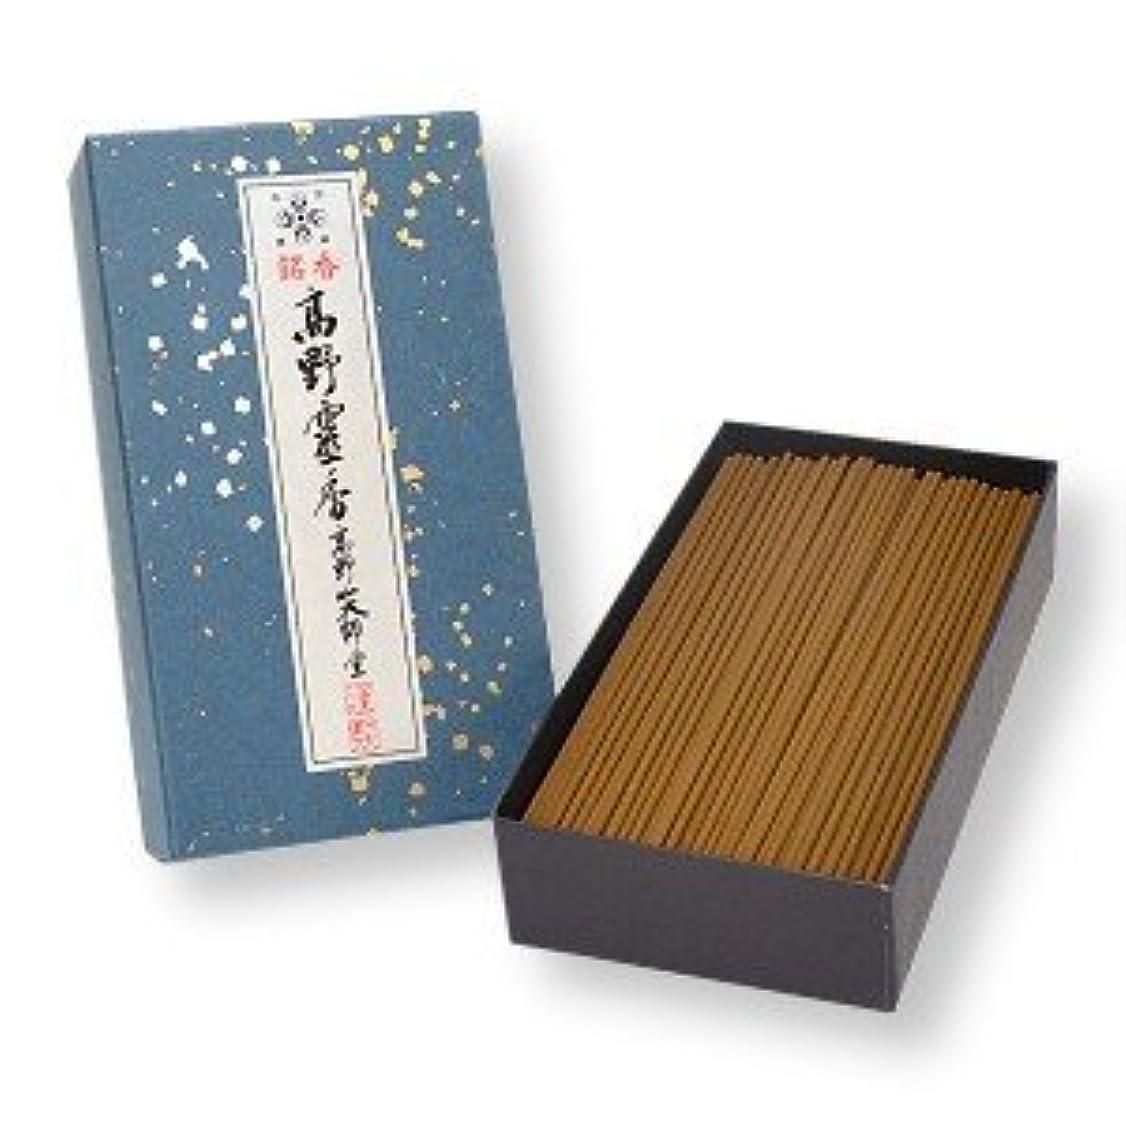 成功したハウジングテーブル高野山のお線香 銘香高野霊香 5寸13cm 大箱